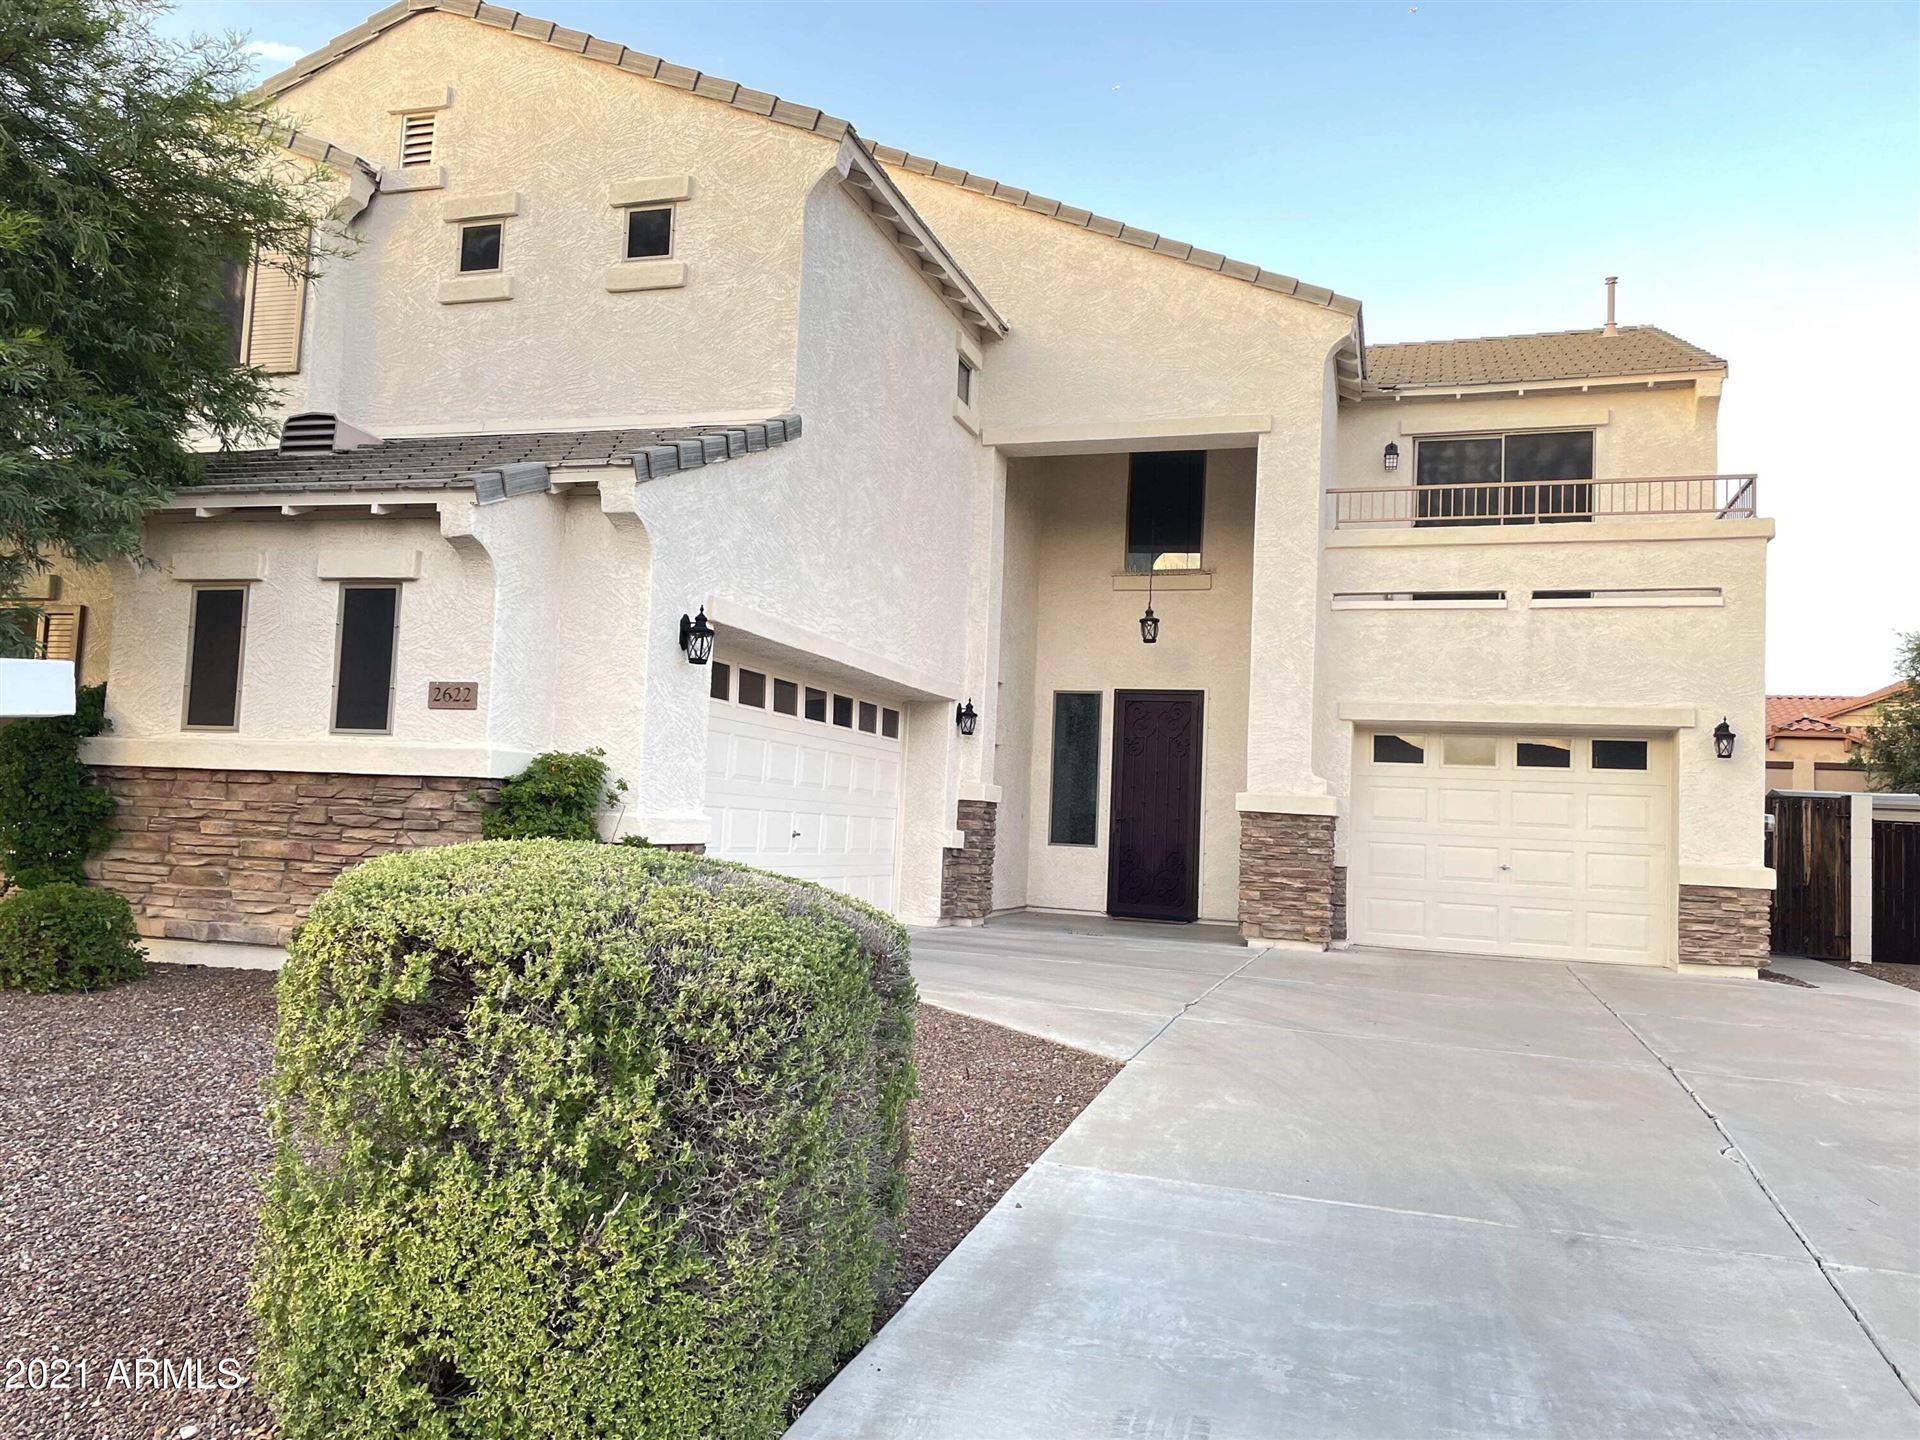 2622 E BEAR CREEK Lane, Phoenix, AZ 85024 - MLS#: 6260198